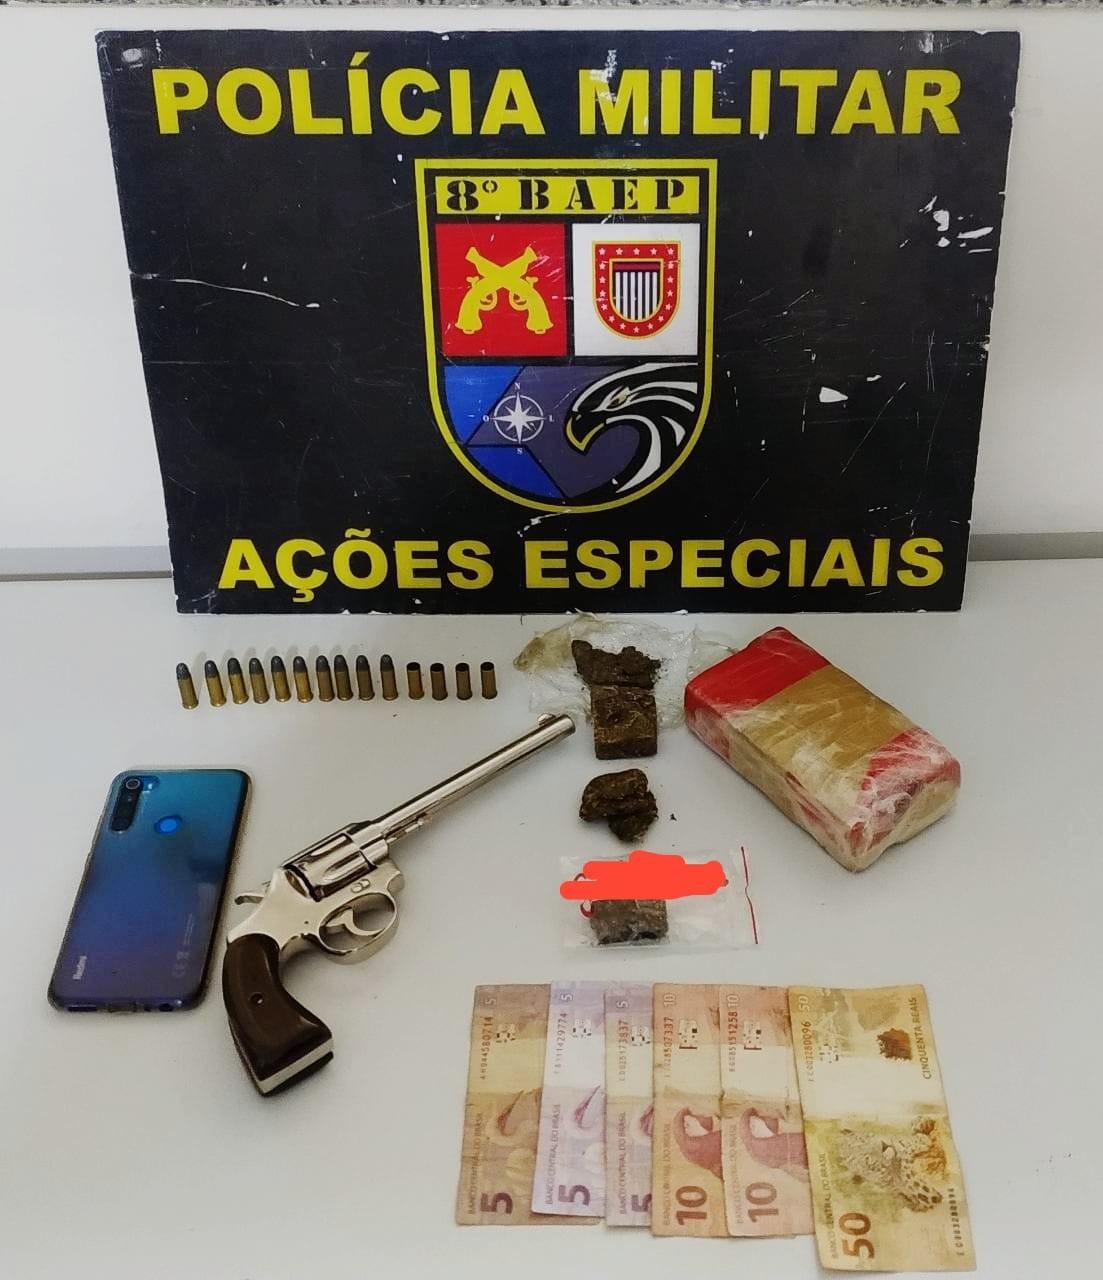 Revólver de calibre 32, munições e droga são apreendidos pelo Baep em Anhumas